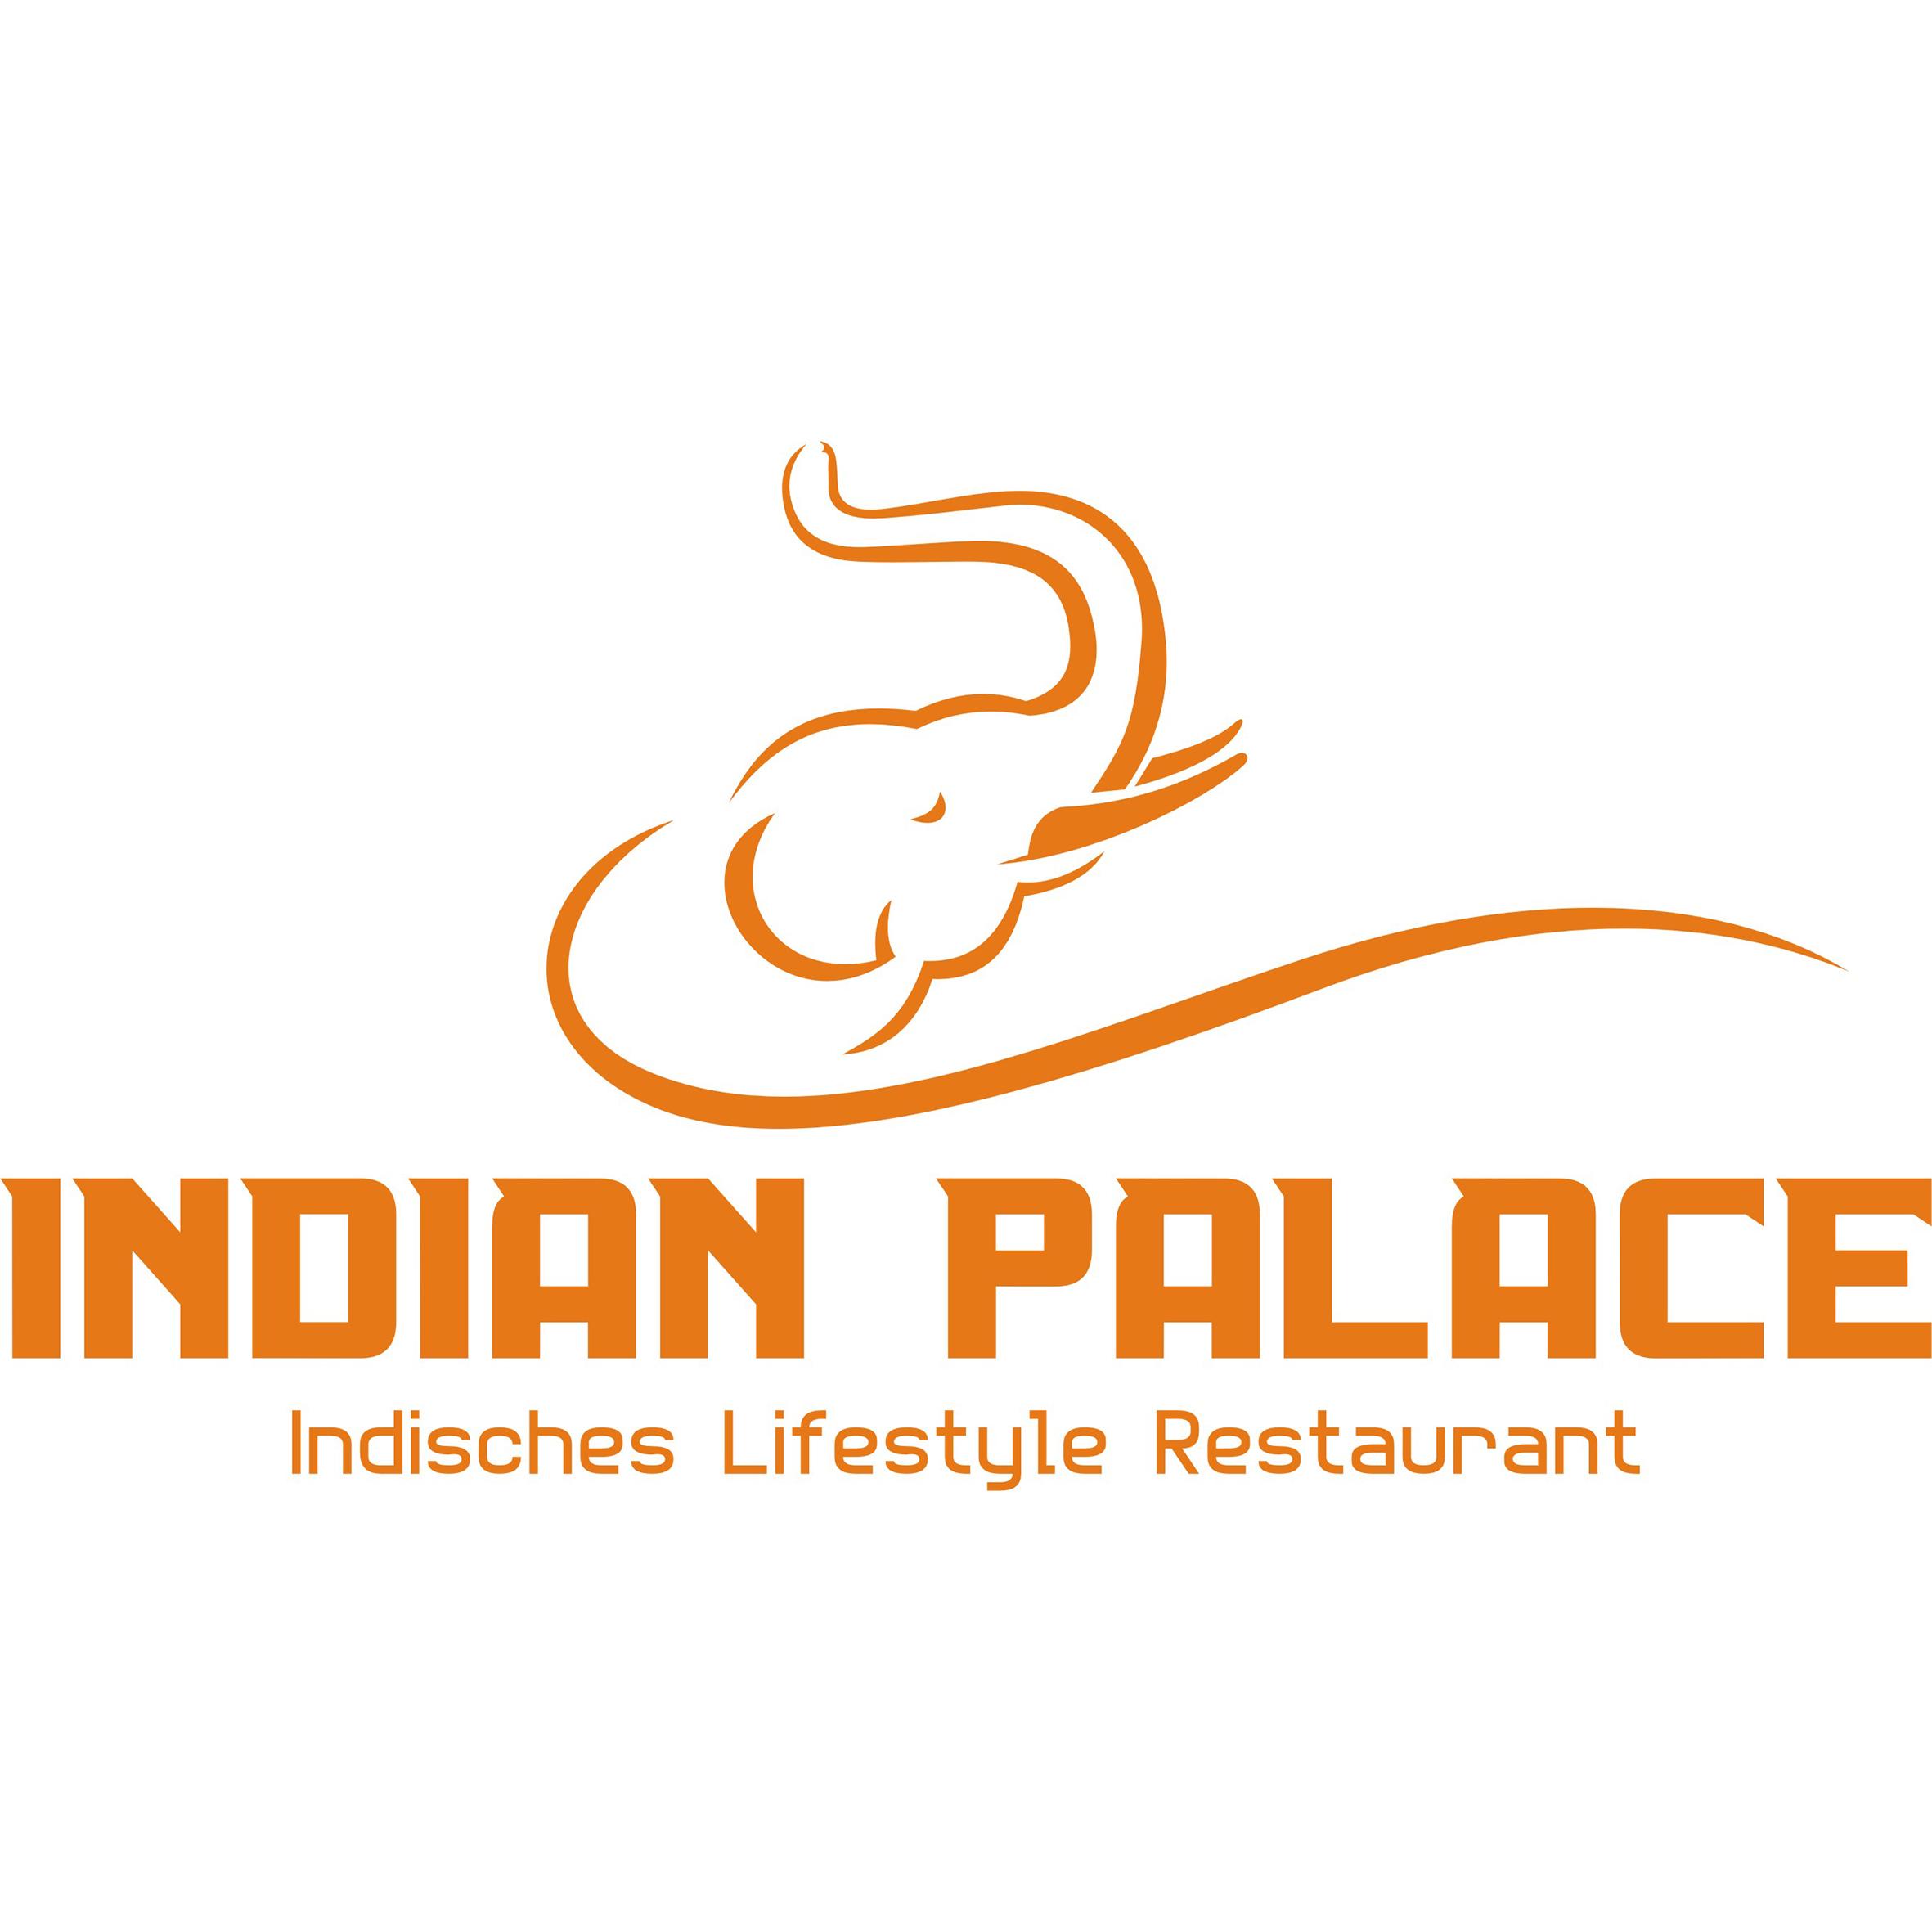 Indian Palace – Lifestyle